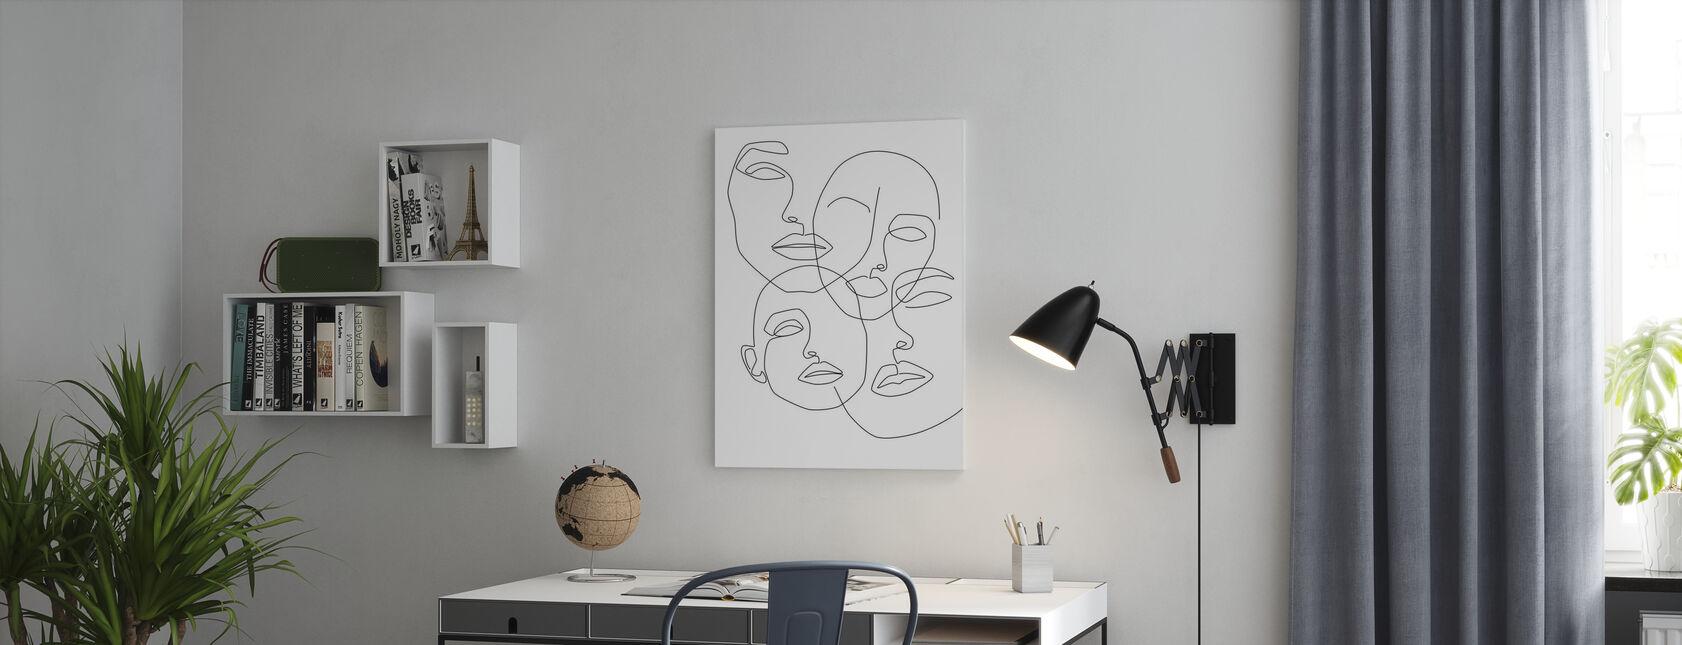 Rommelige gezichten - Canvas print - Kantoor